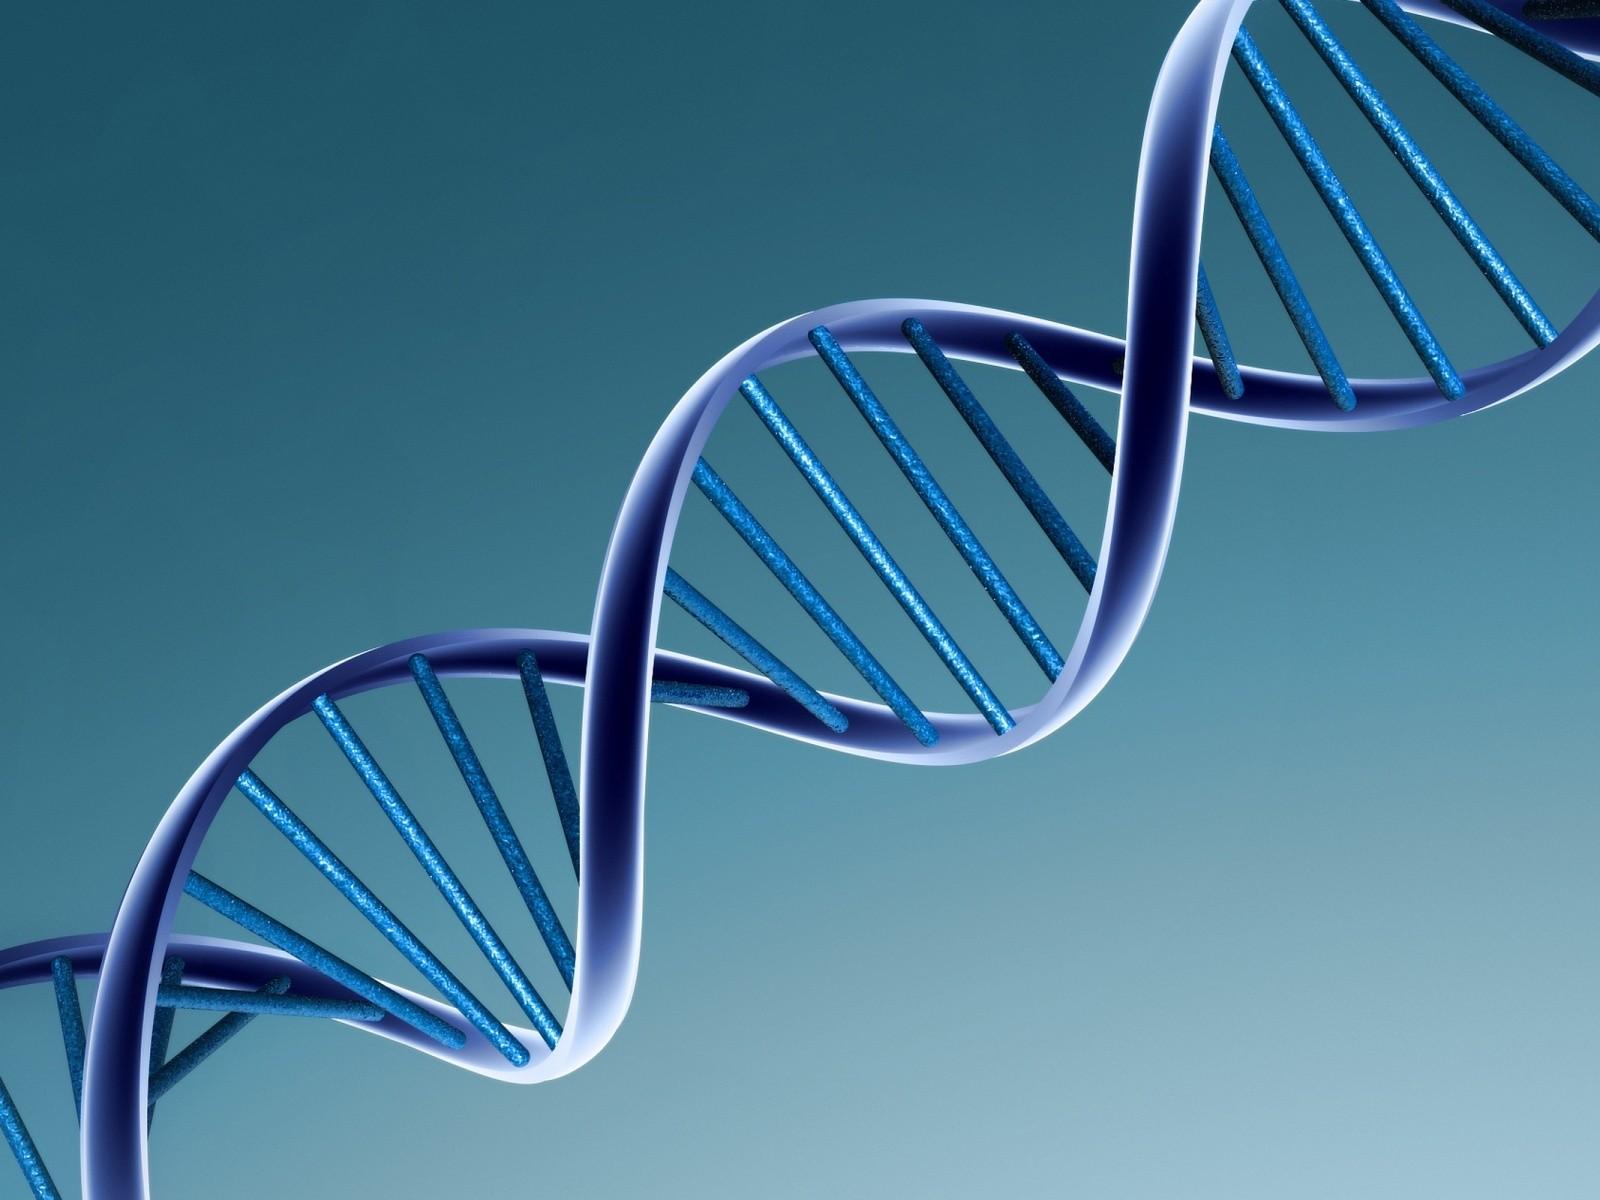 http://3.bp.blogspot.com/-96vXwf4_7FQ/US4Xa7v-XvI/AAAAAAAAG2U/rFC-y9PuFB0/s1600/DNA.jpg